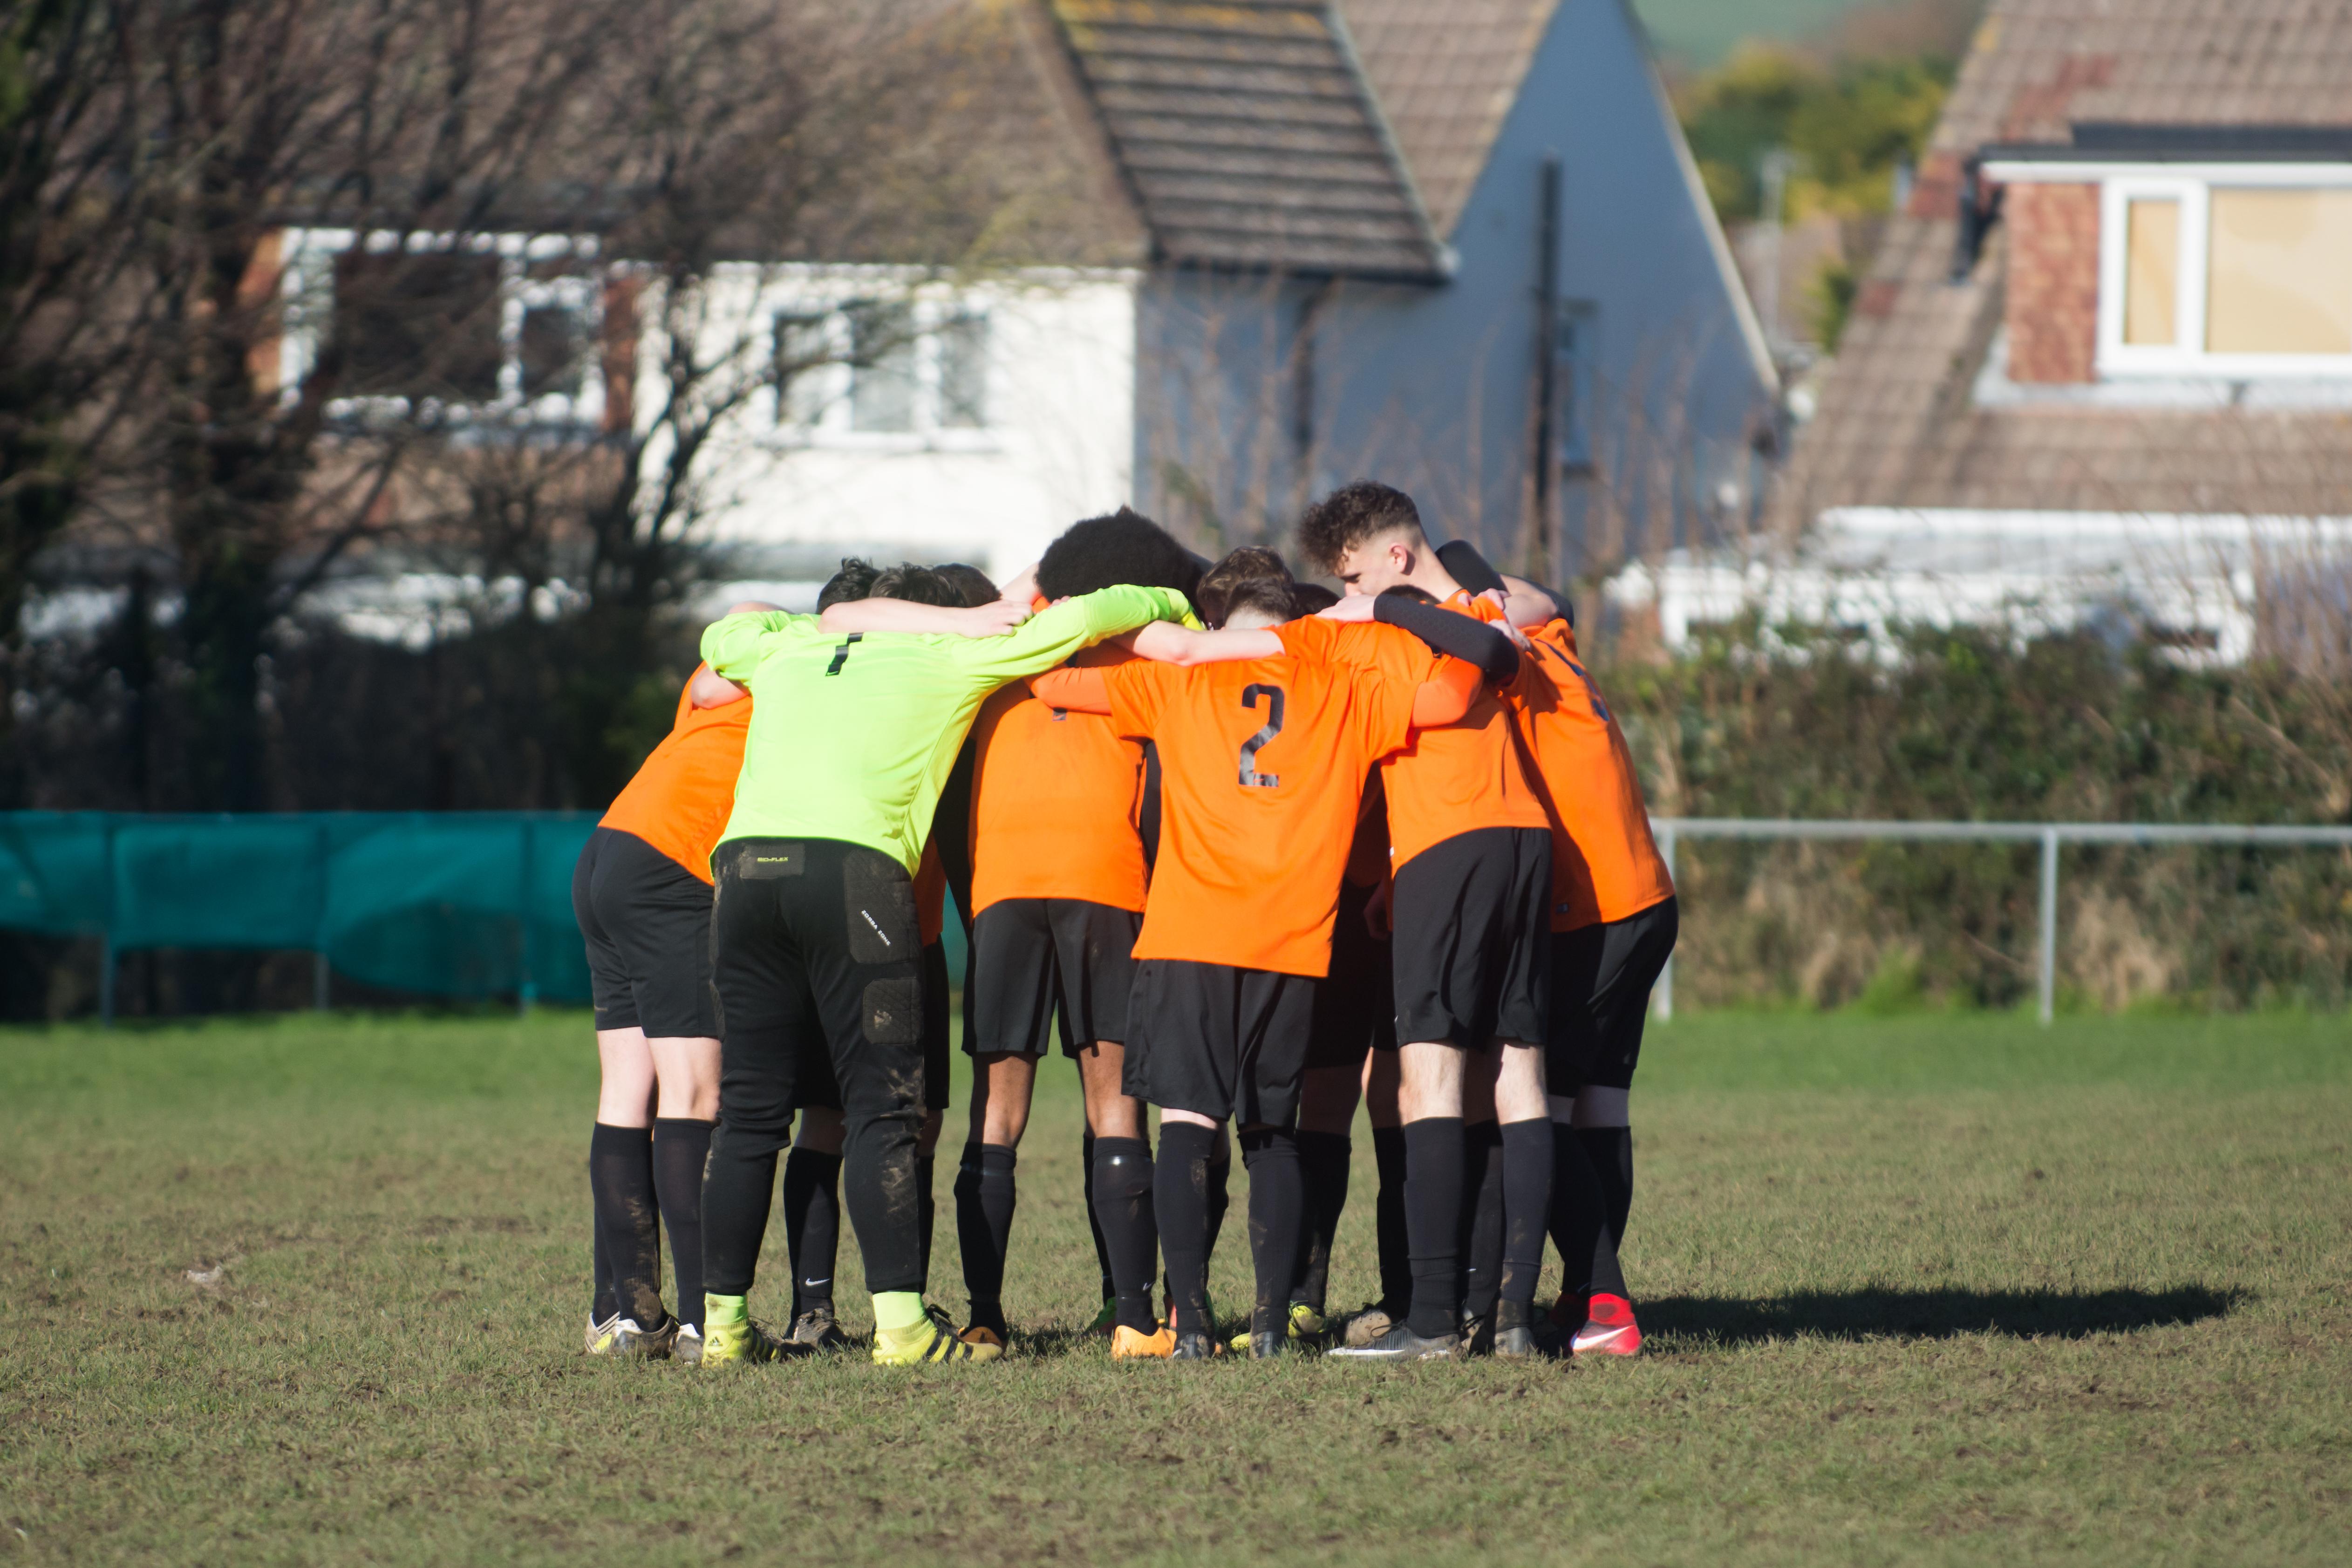 Mile Oak FC U18s vs Newhaven FC U18s 04.02.18 01